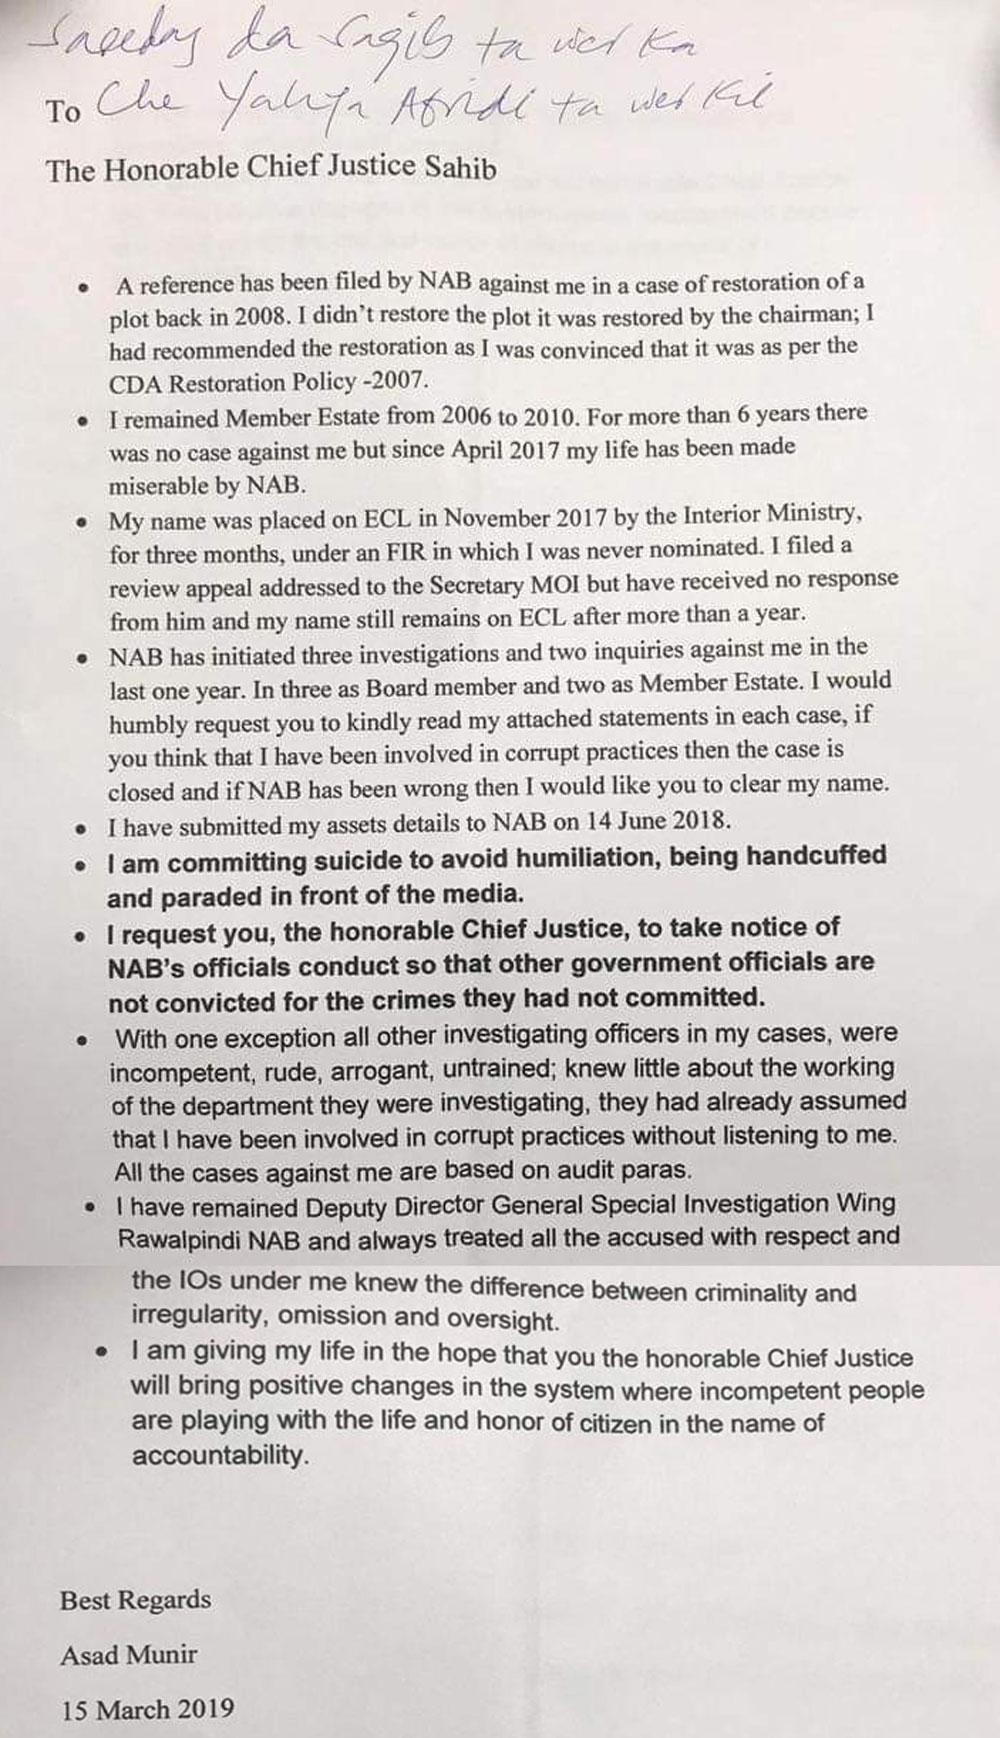 اسد منیر کا خودکشی سے قبل چیف جسٹس کے نام خط